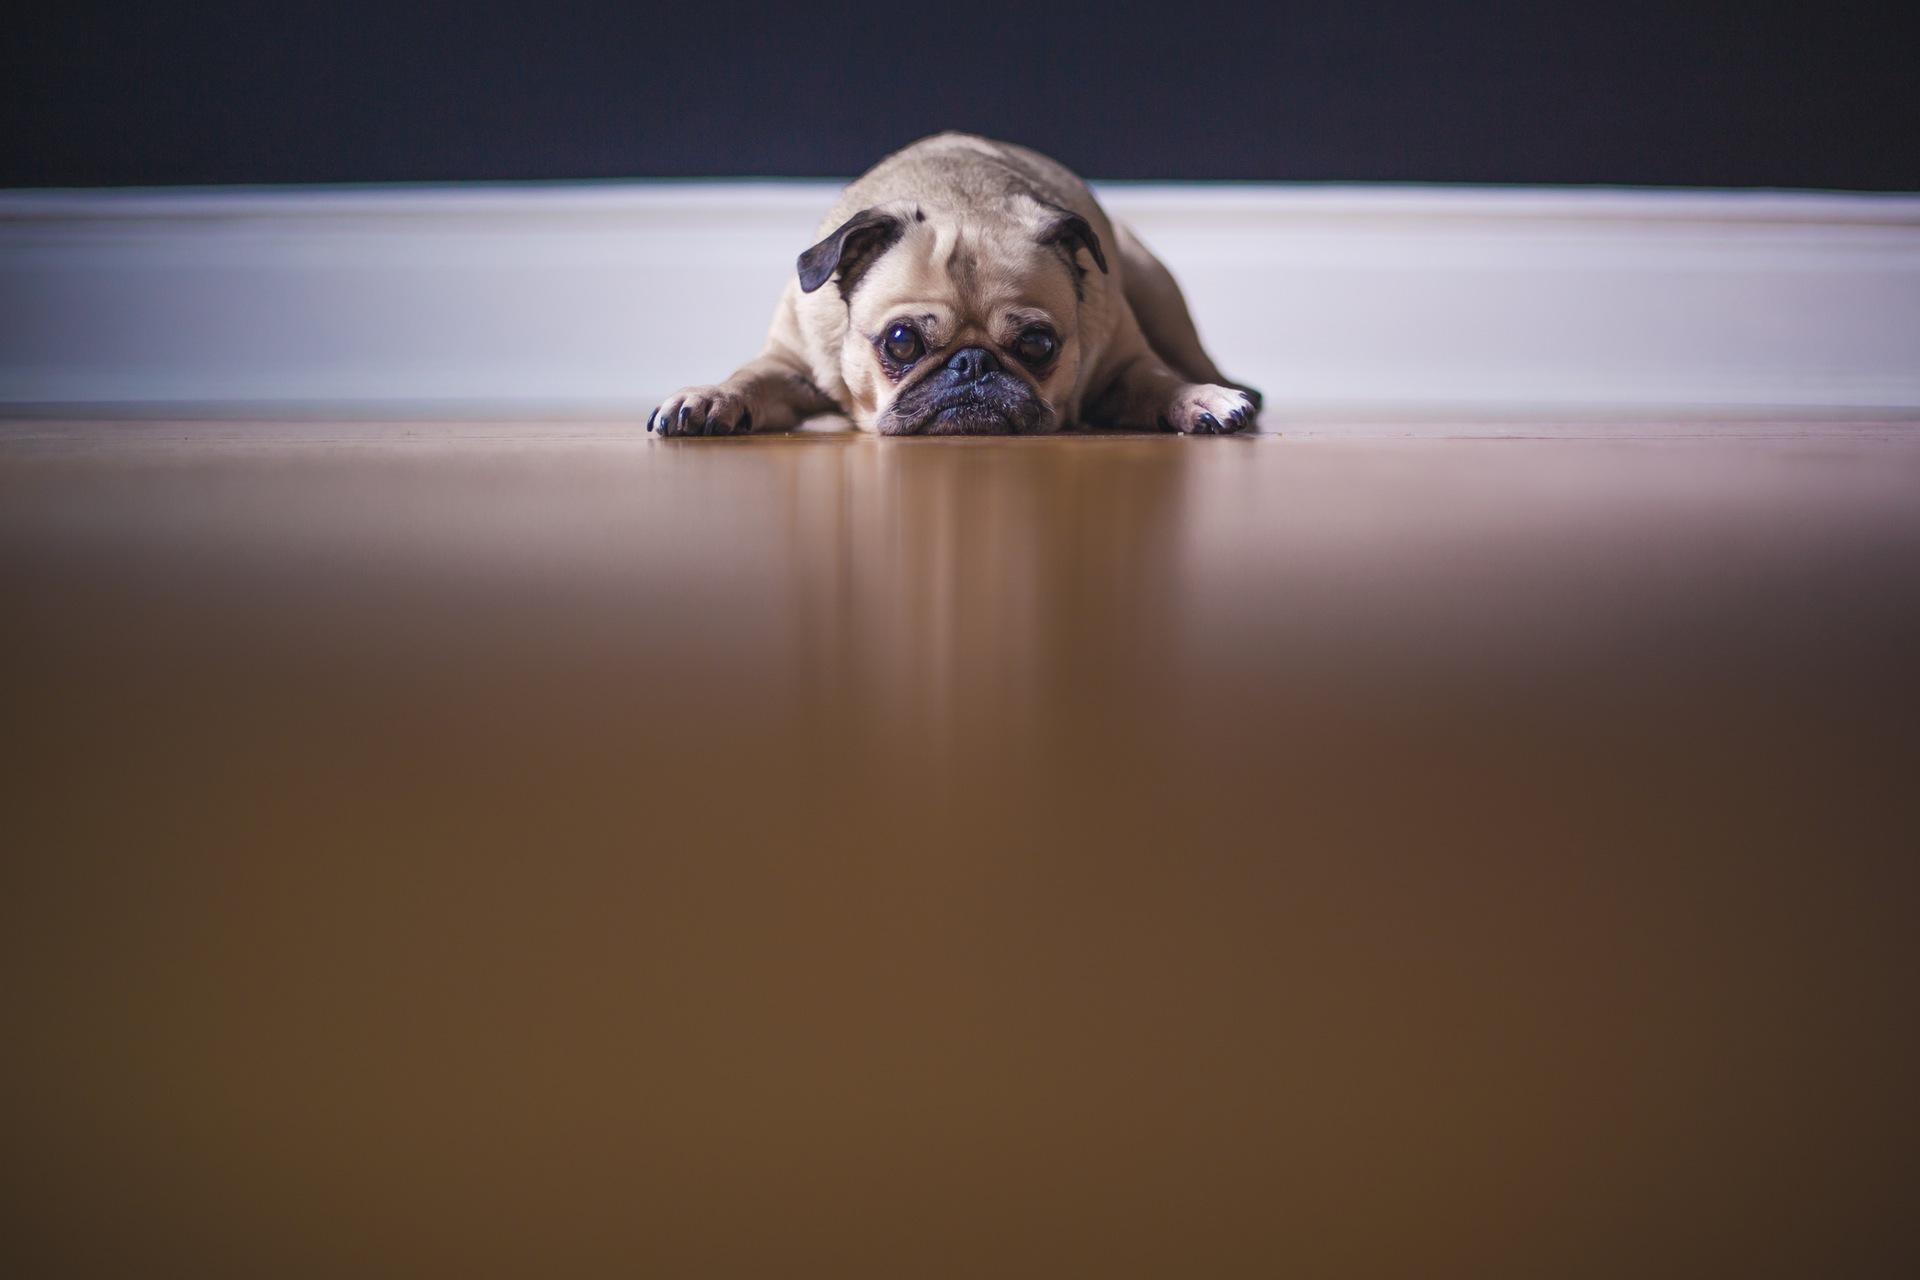 chien, coup d'oeil, fatigué, tendresse, ami (e), Animal de compagnie - Fonds d'écran HD - Professor-falken.com